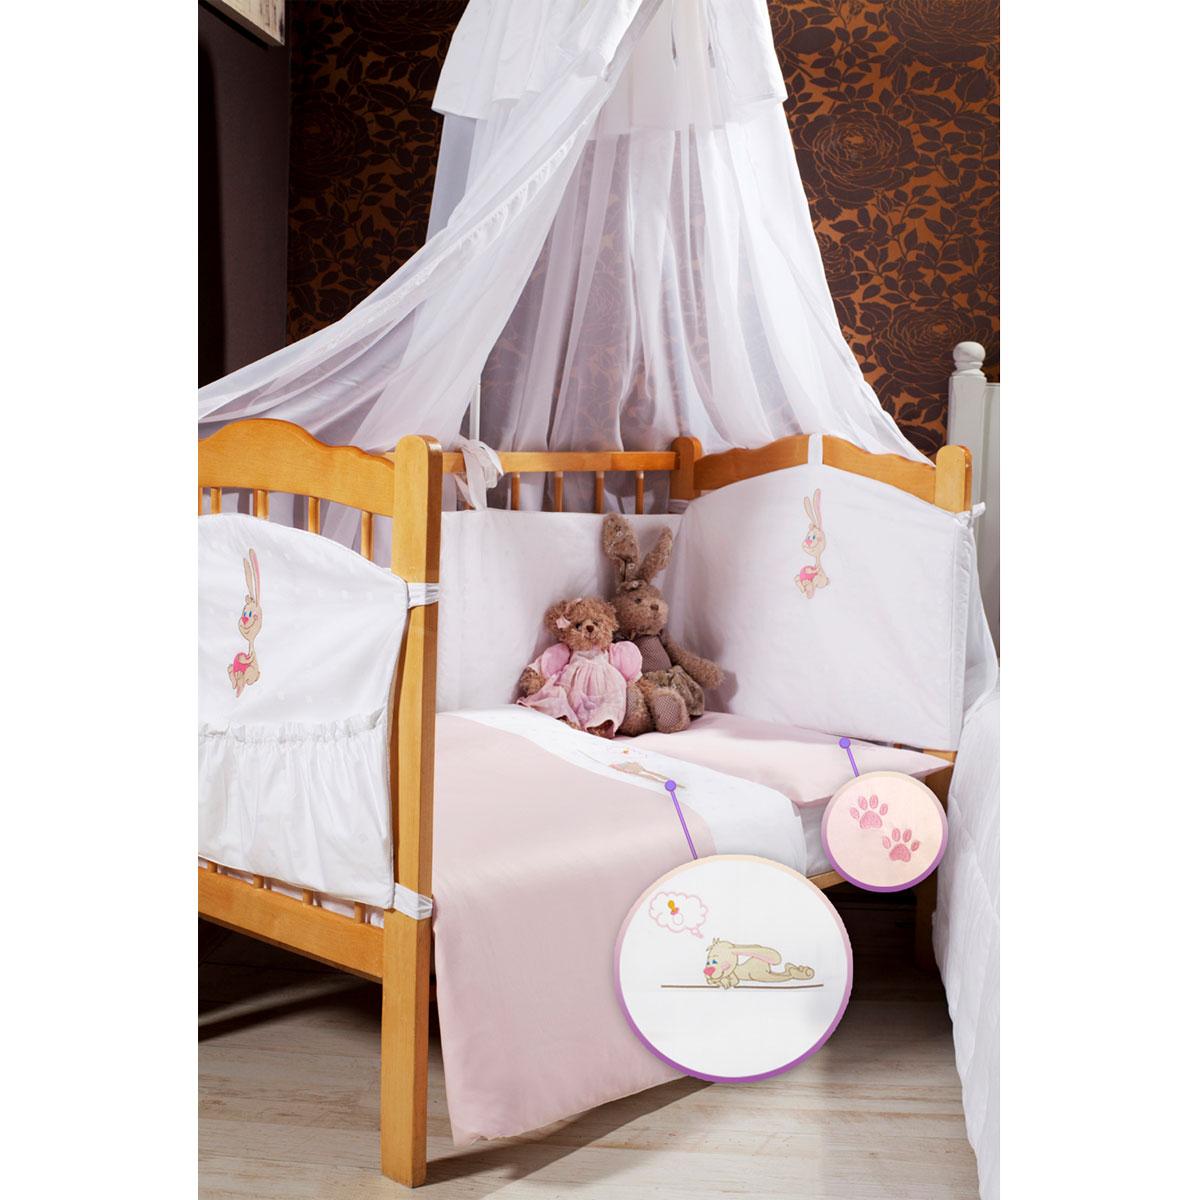 Детское постельное белье Primavelle Lovely (ясельный спальный КПБ, хлопок, наволочка 42х62), цвет: розовый115124231-4826вДетское постельное белье Primavelle Lovely прекрасно подойдет для вашего малыша. Текстиль произведен из 100% хлопка. При нанесении рисунка используются безопасные натуральные красители, не вызывающие аллергии. Гладкая структура делает ткань приятной на ощупь, она прочная и хорошо сохраняет форму, мало мнется и устойчива к частым стиркам. Комплект состоит из наволочки, простыни на резинке и пододеяльника. Яркий рисунок непременно понравится вашему ребенку.В комплект входят: Пододеяльник - 1 шт. Размер: 145 см х 115 см. Простыня - 1 шт. Размер: 120 см х 60 см. Наволочка - 1 шт. Размер: 42 см х 62 см.